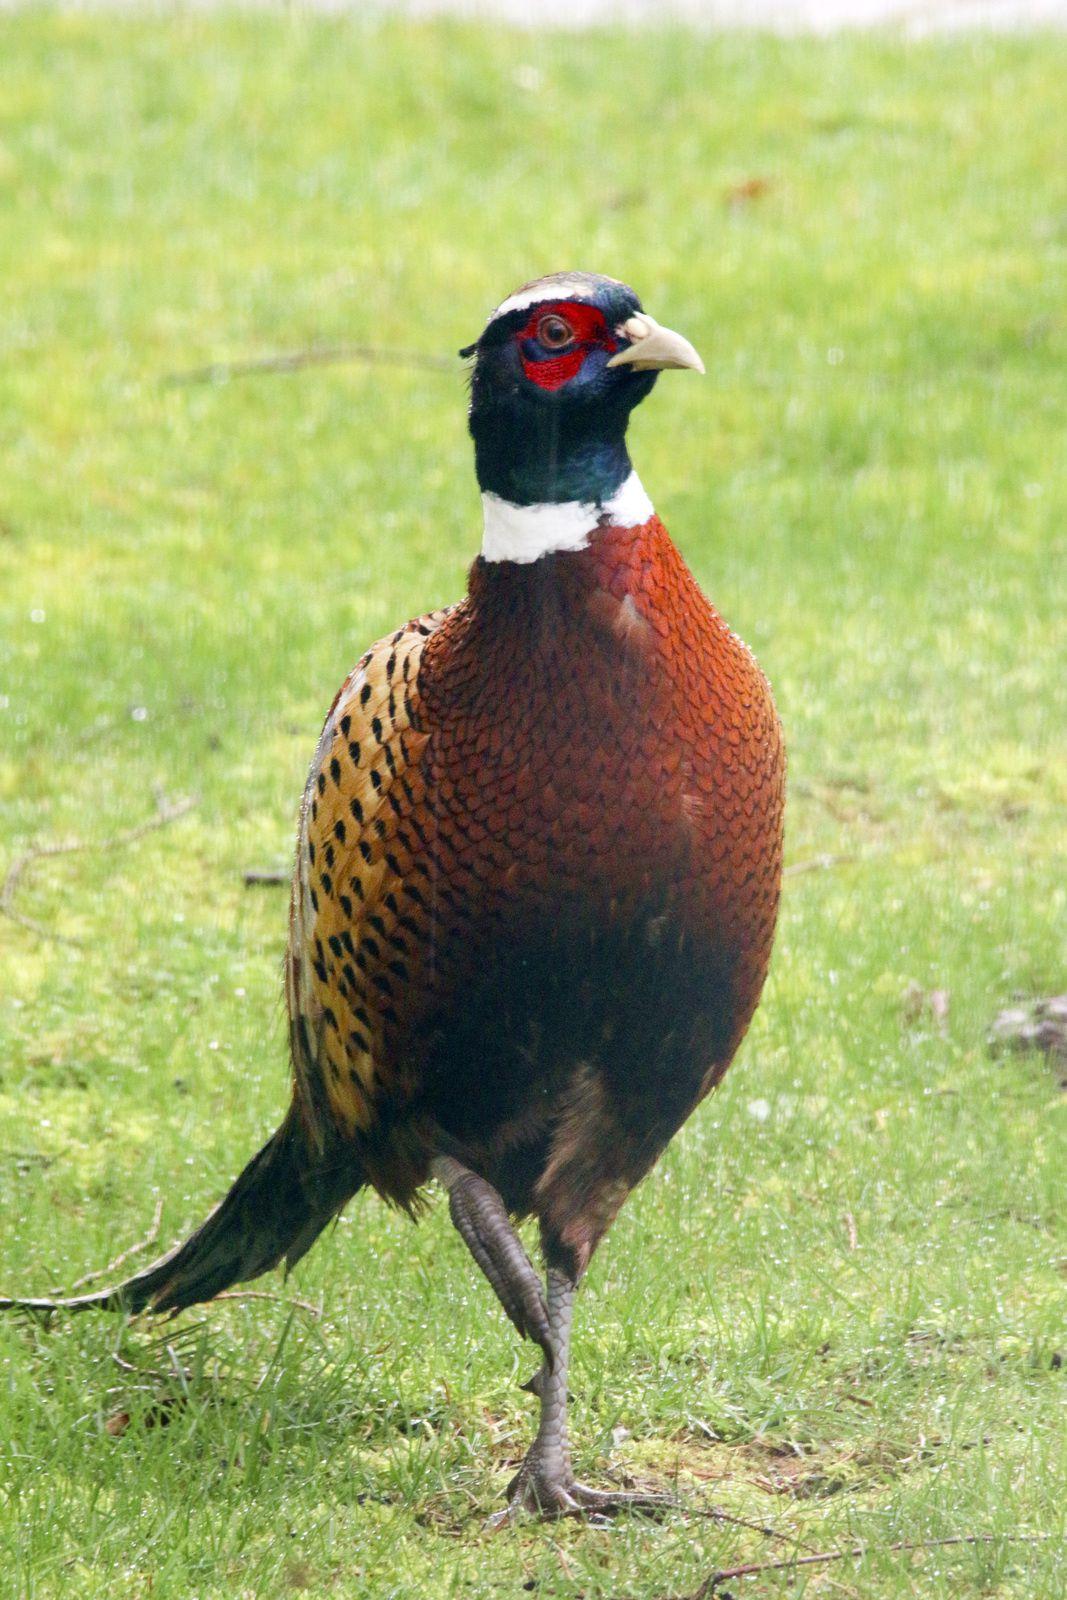 Un bien bel oiseau !